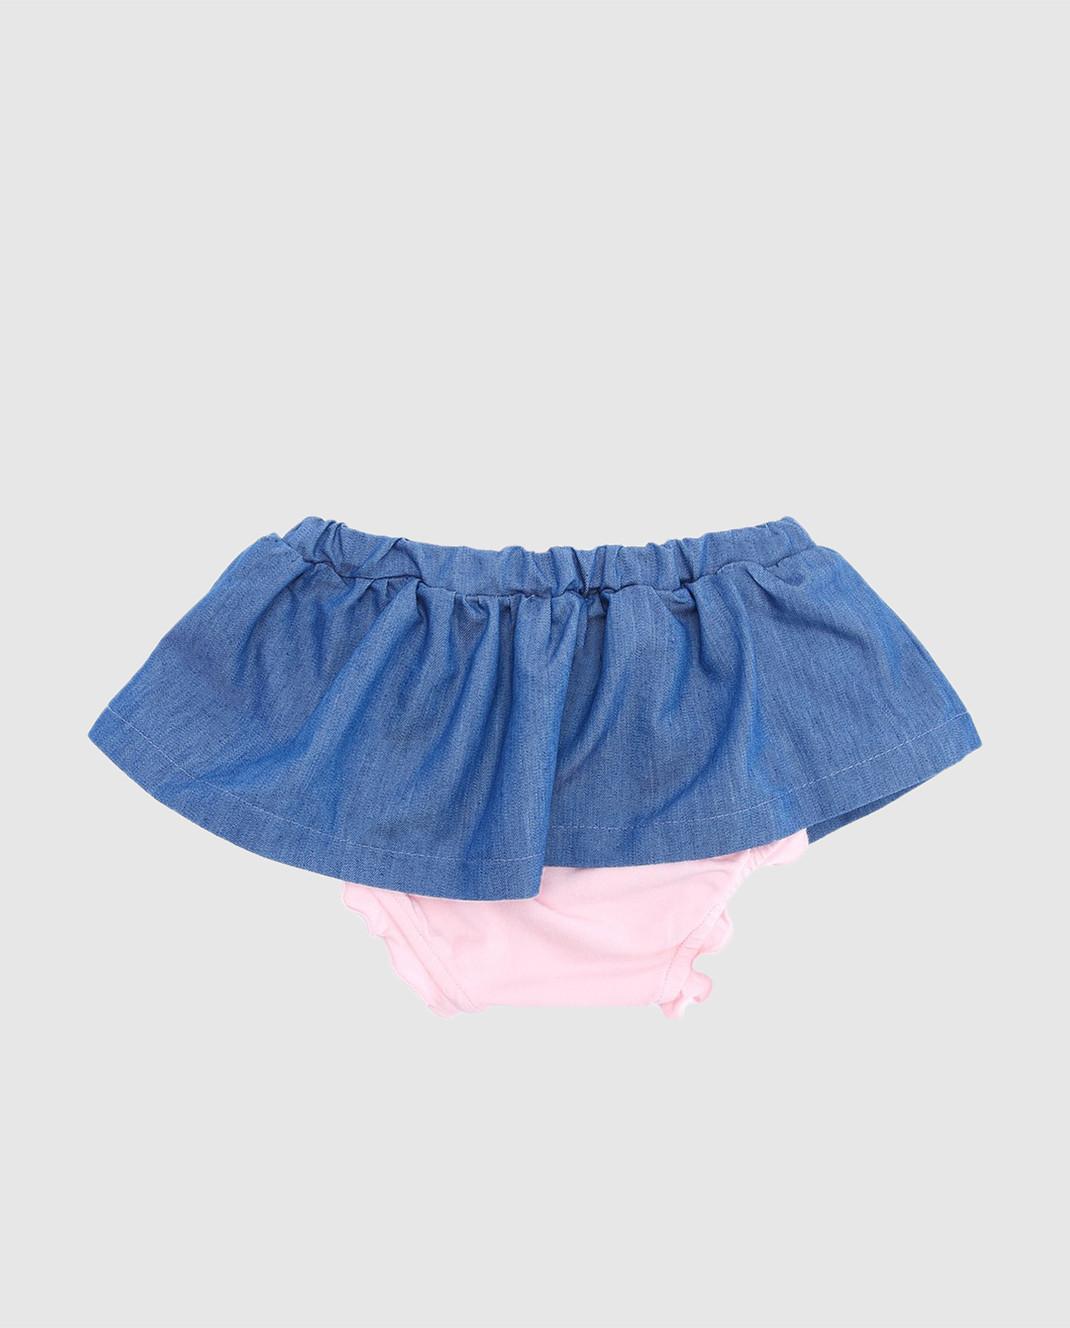 Philipp Plein Детская синяя юбка CRV0002 изображение 2